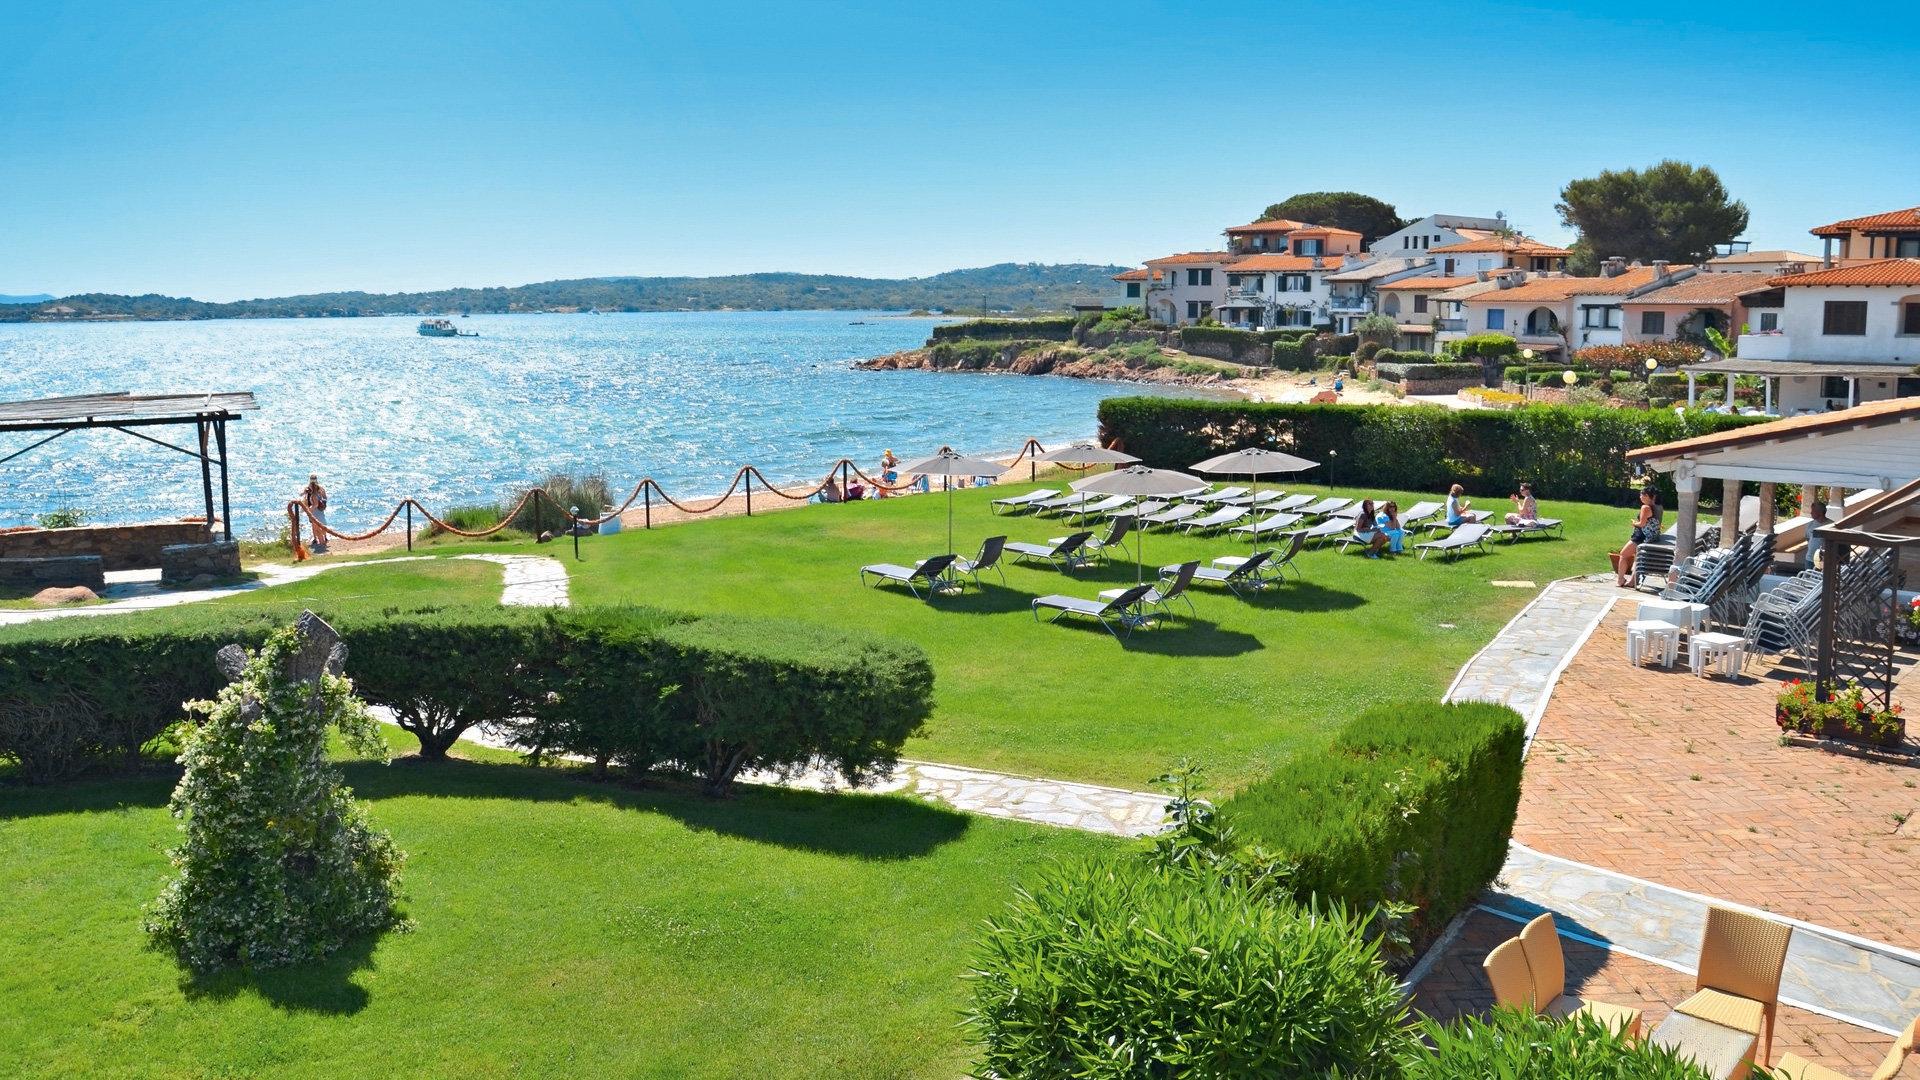 b872648dc8b9f4 Hotel San Paolo - Sardynia, Włochy - Wczasy, Opinie | ITAKA